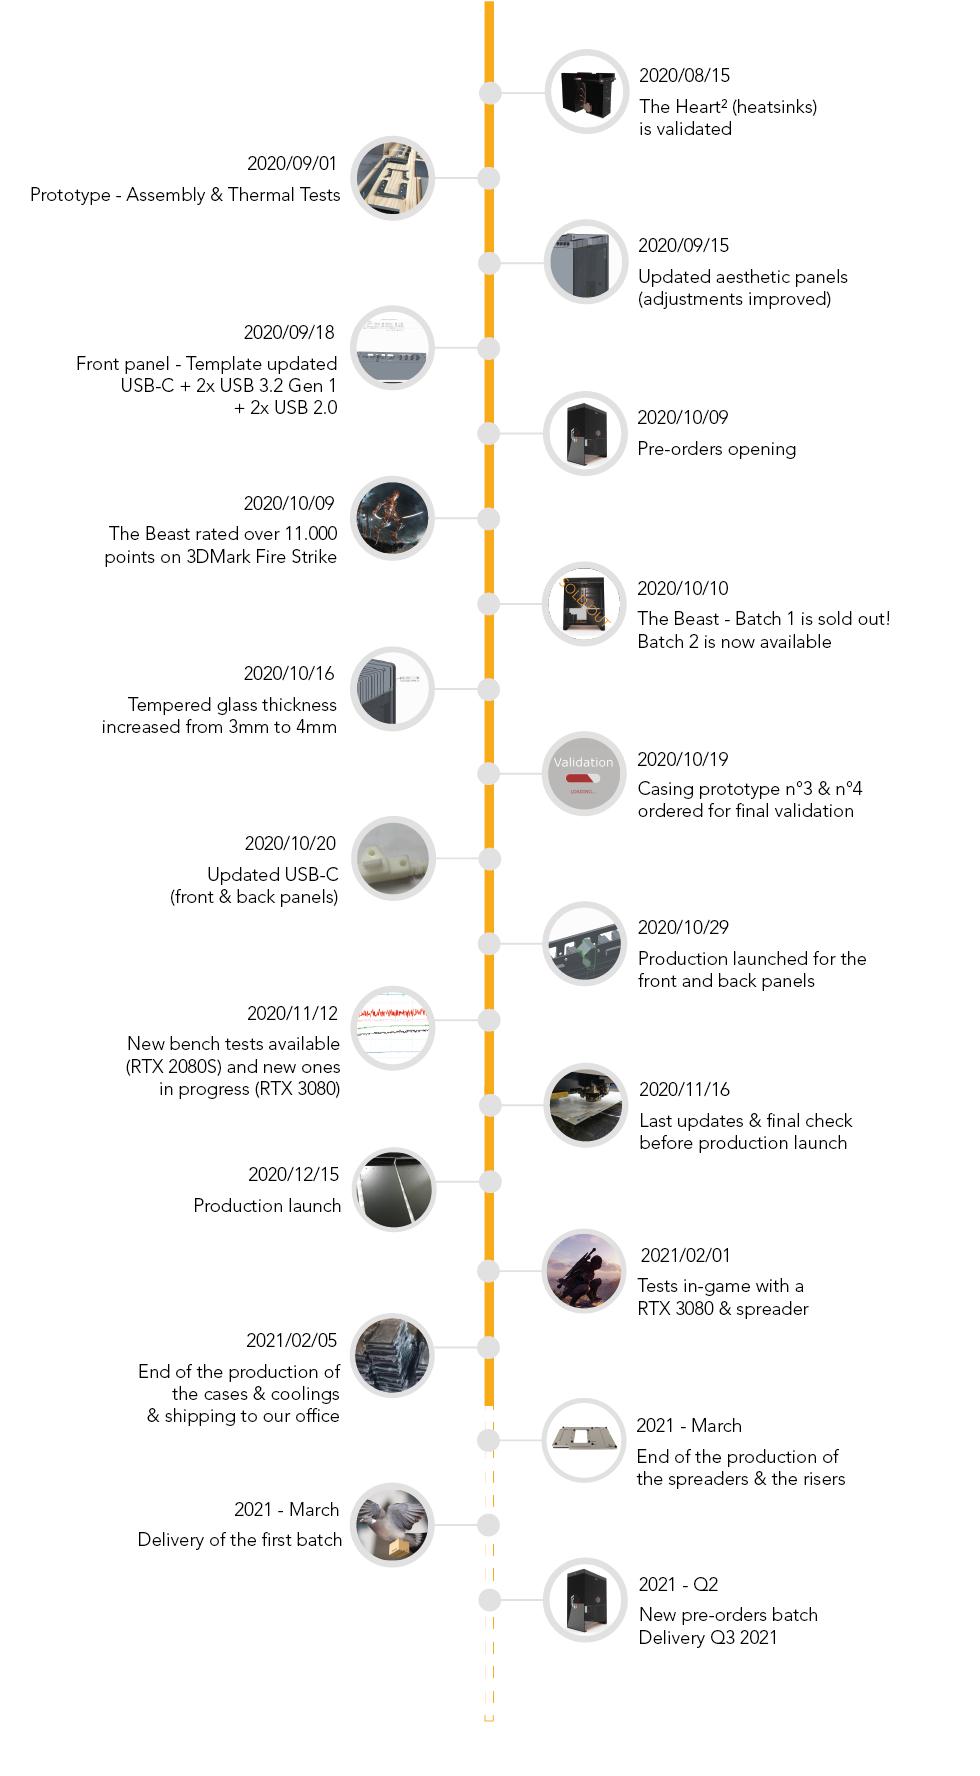 20210207-timeline.png